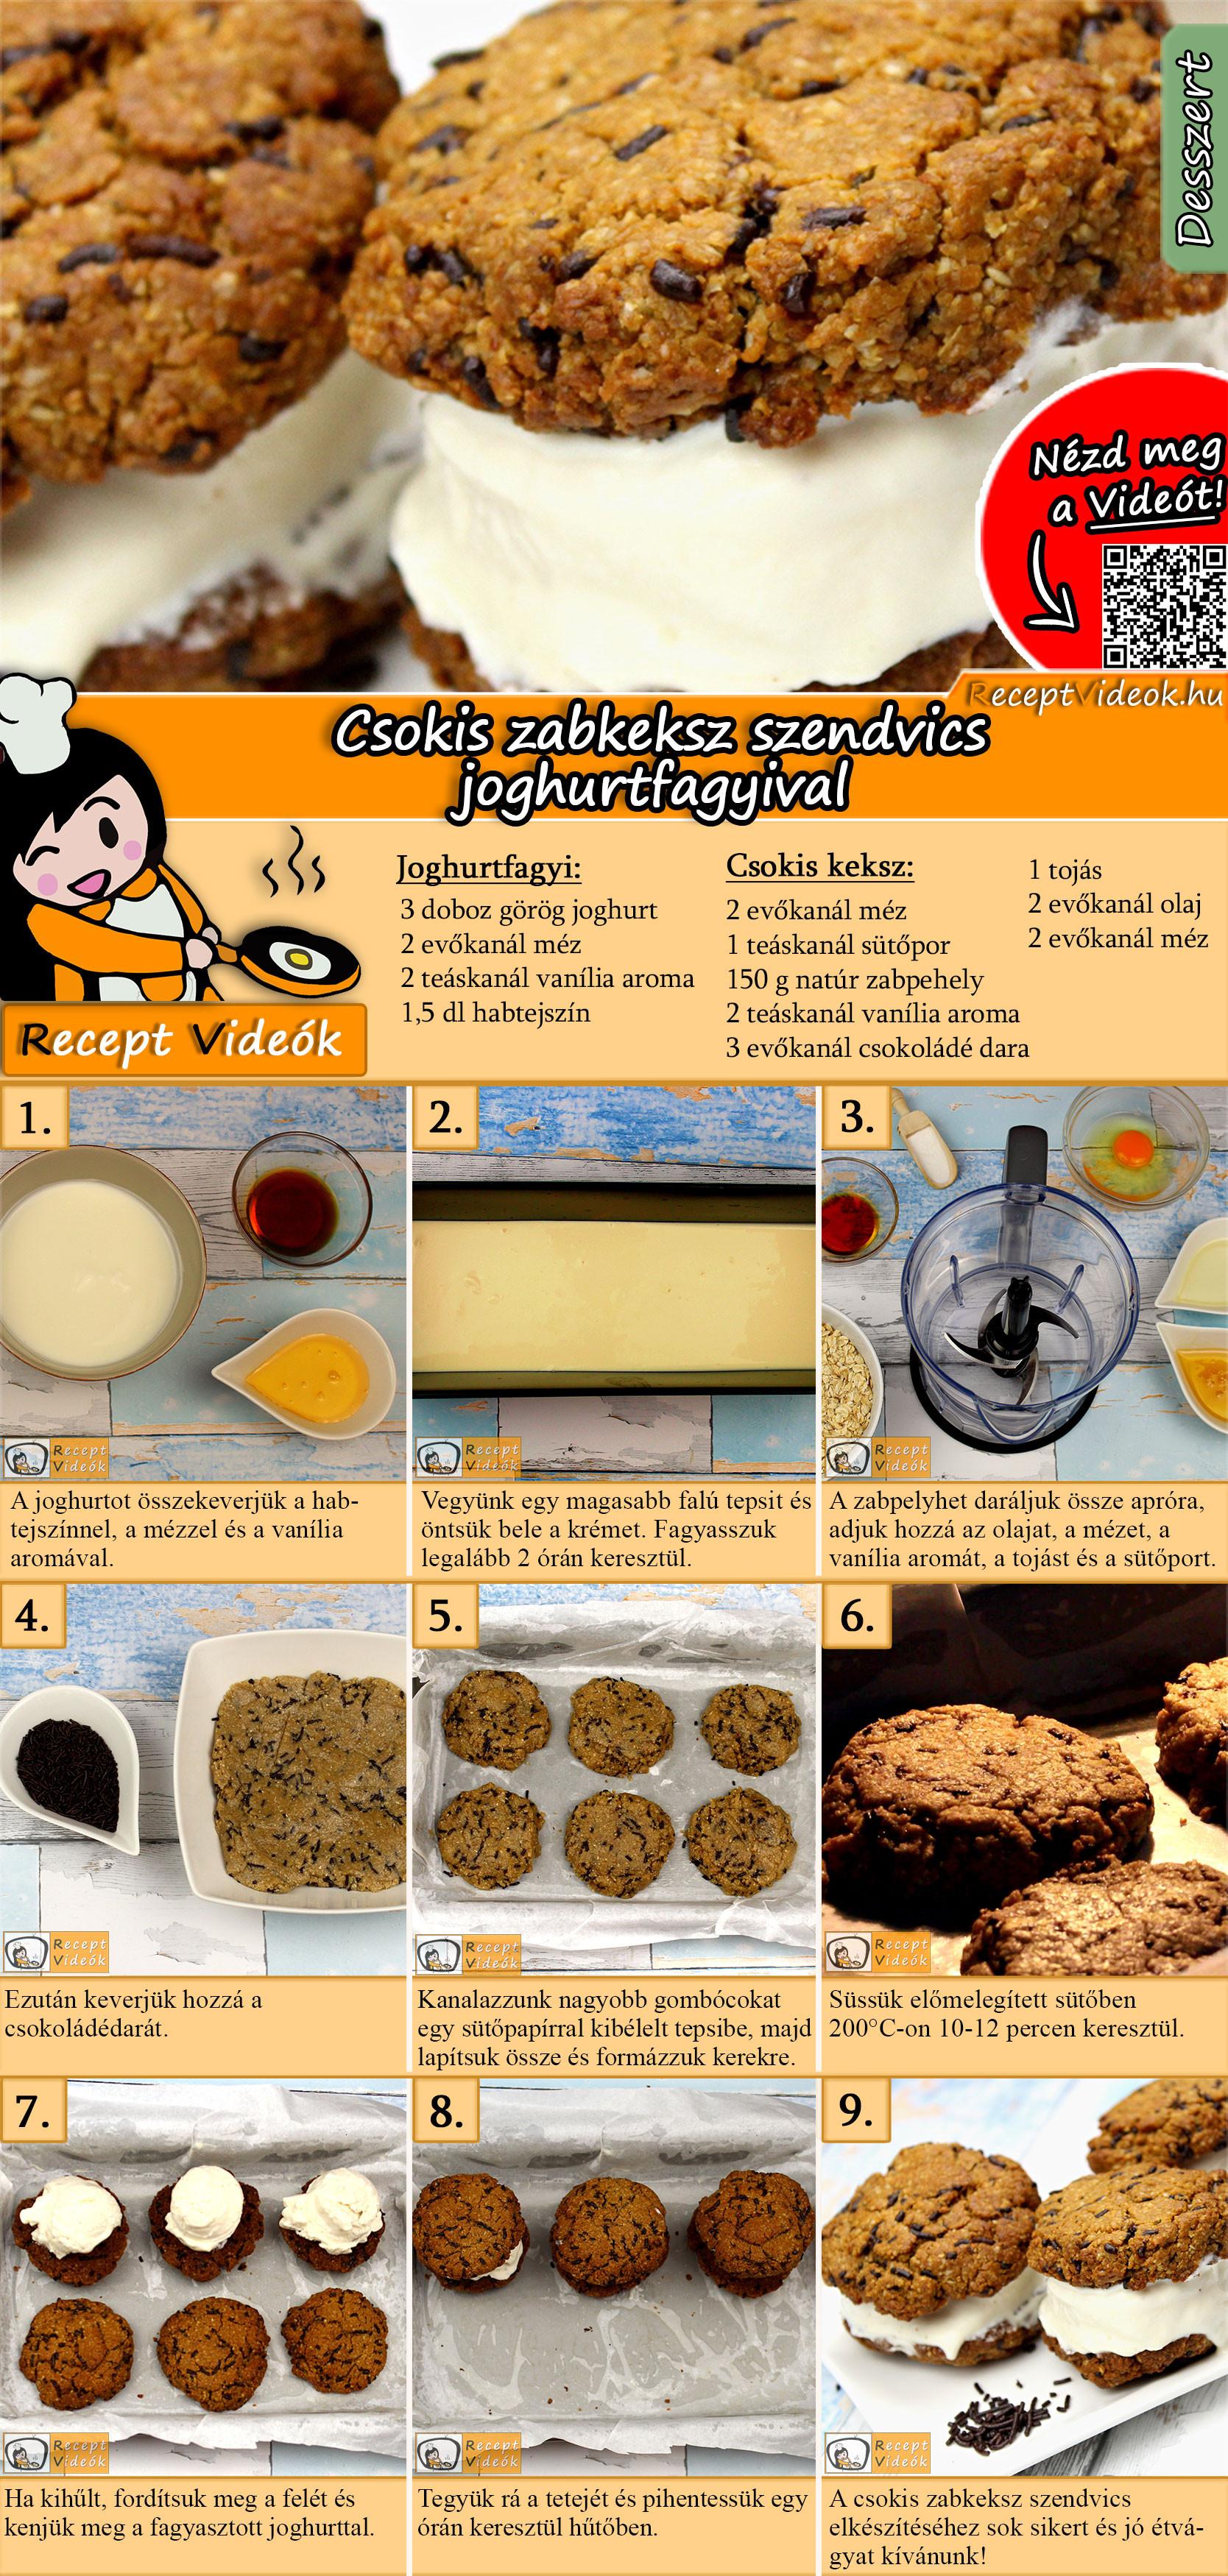 Csokis zabkeksz szendvics joghurtfagyival recept elkészítése videóval